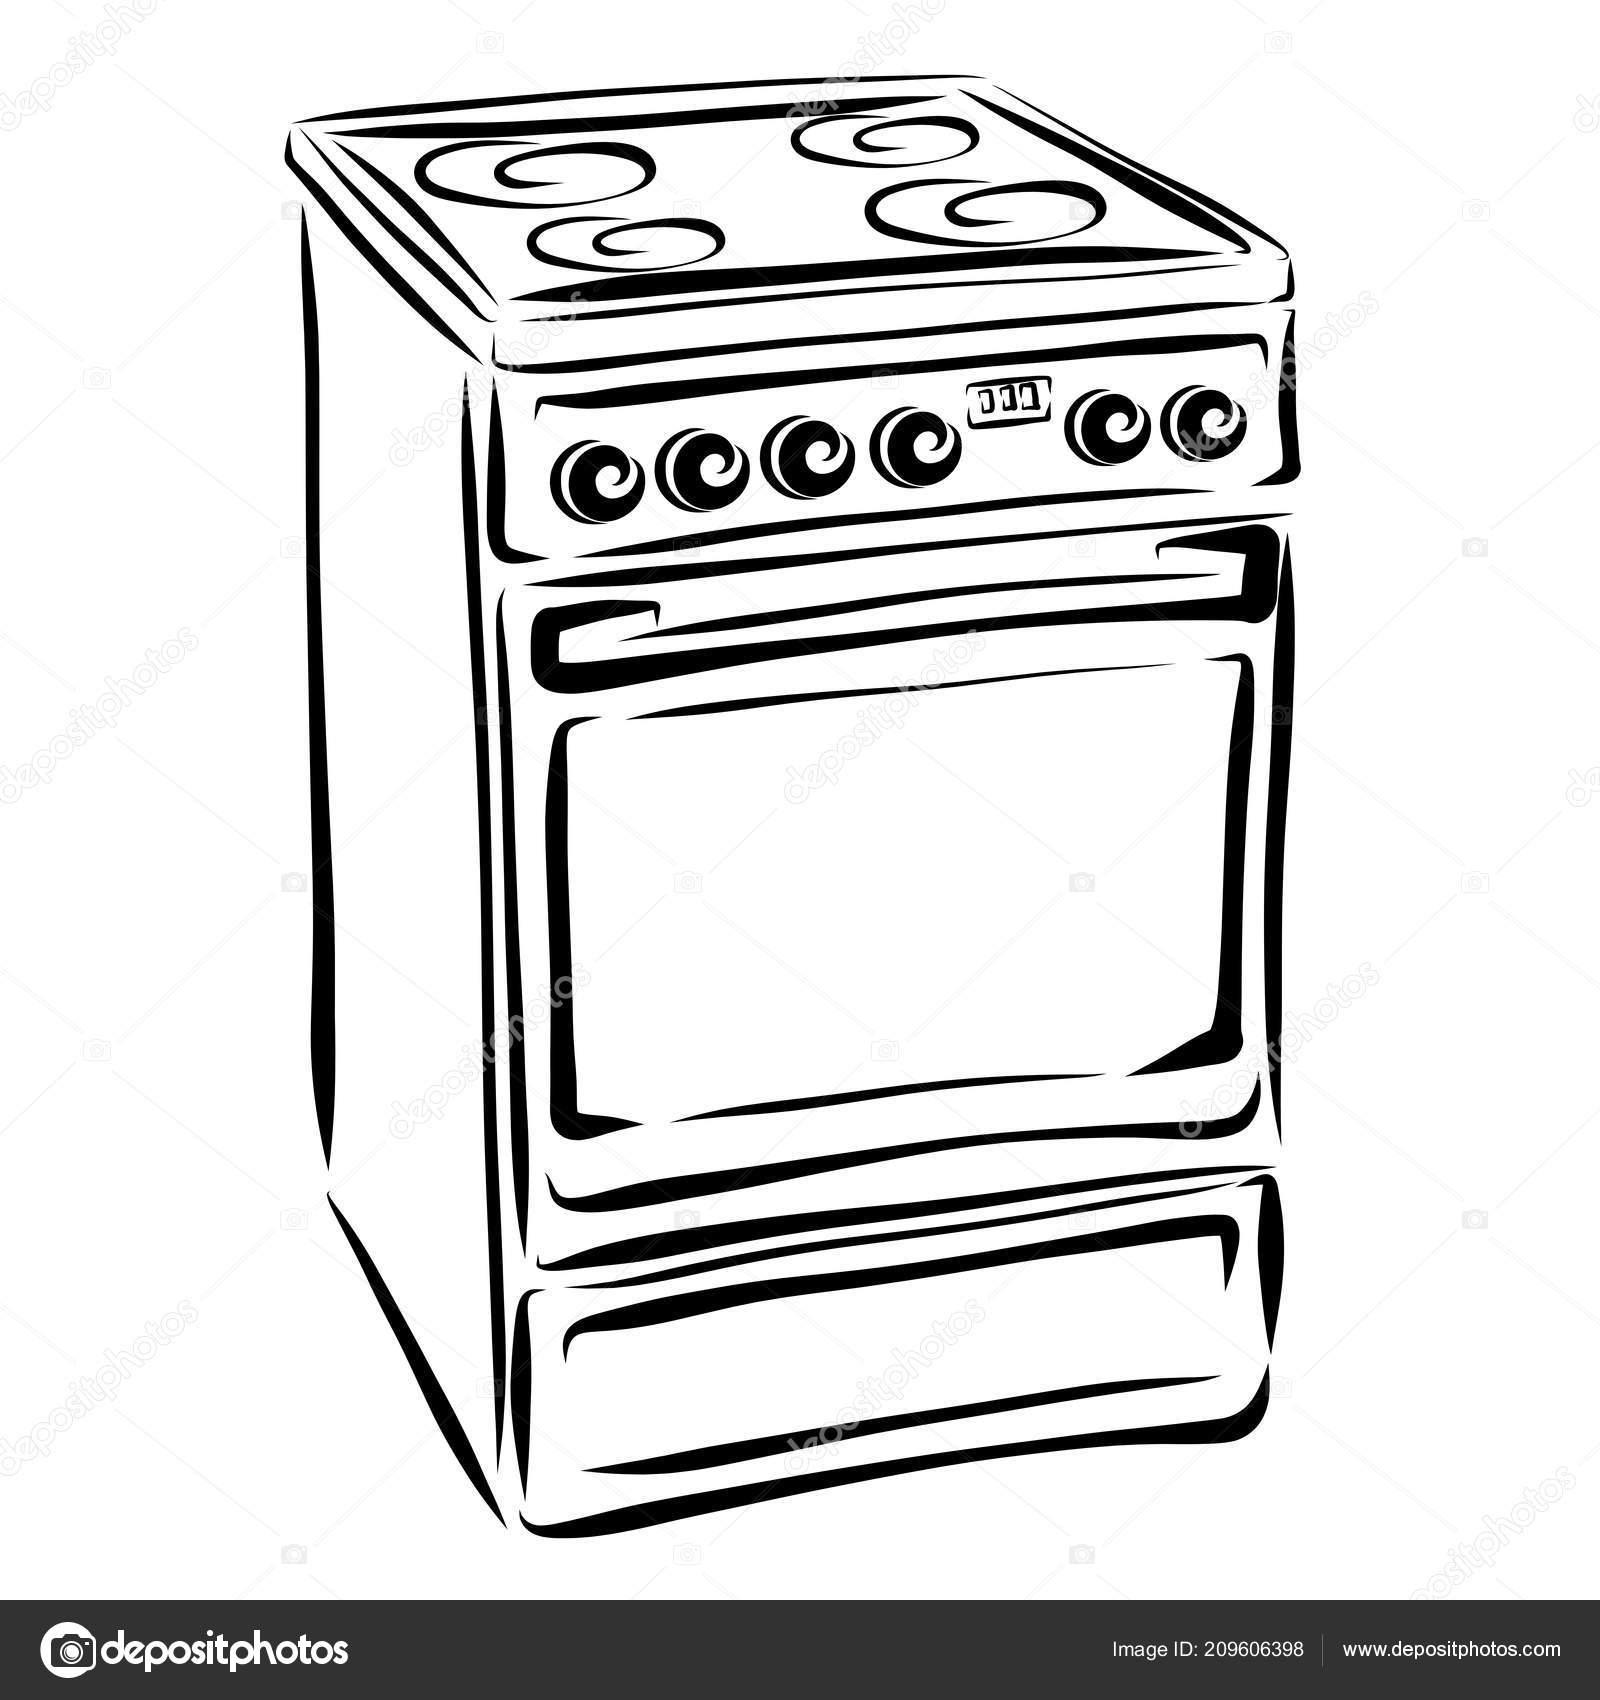 Electrodomesticos Cozinha Fogao Eletrico